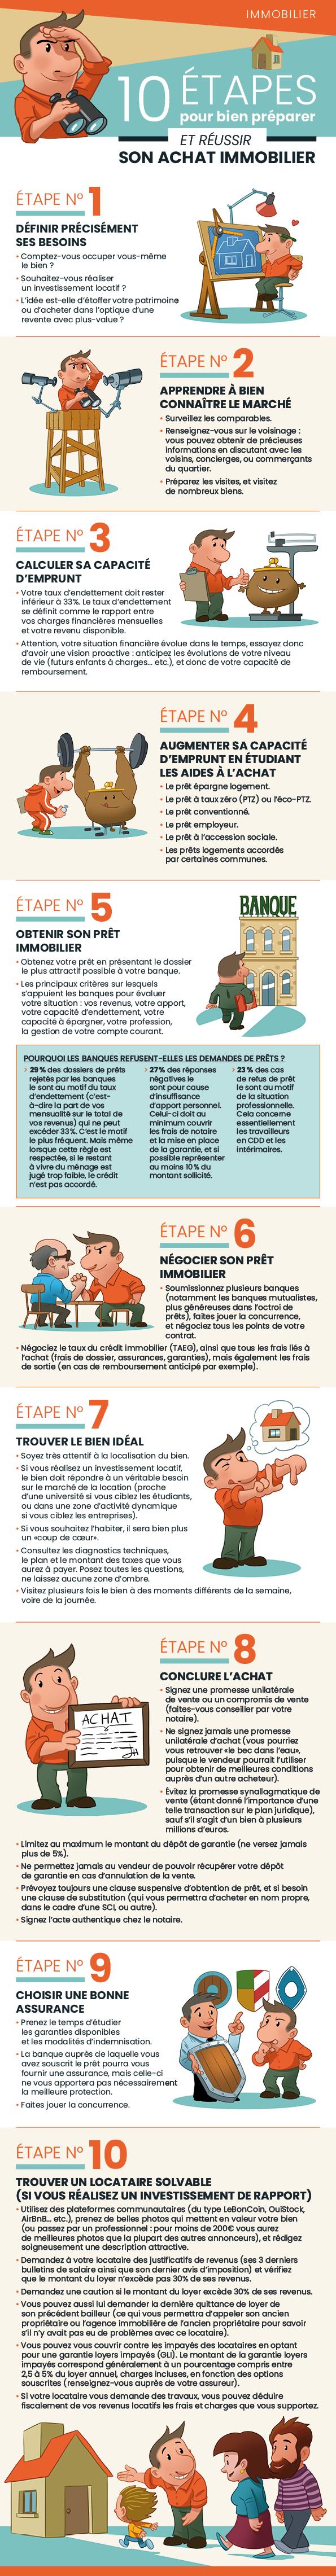 Investissement immobilier : comment bien démarrer